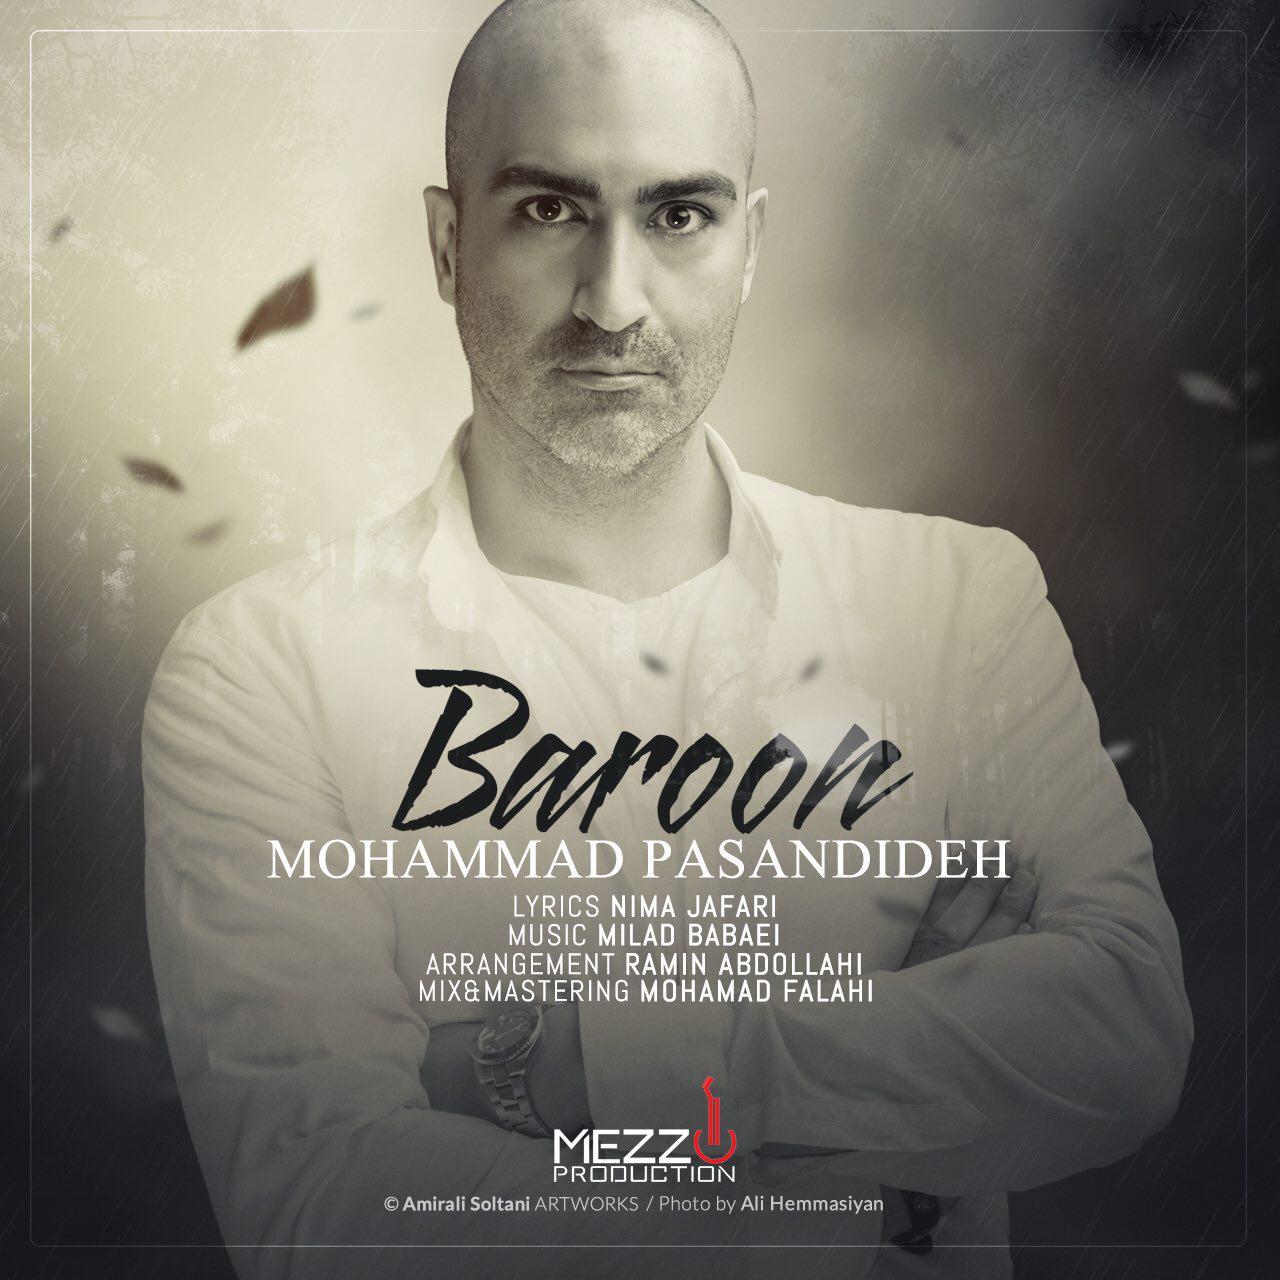 دانلود آهنگ جدید محمد پسندیده به نام بارون